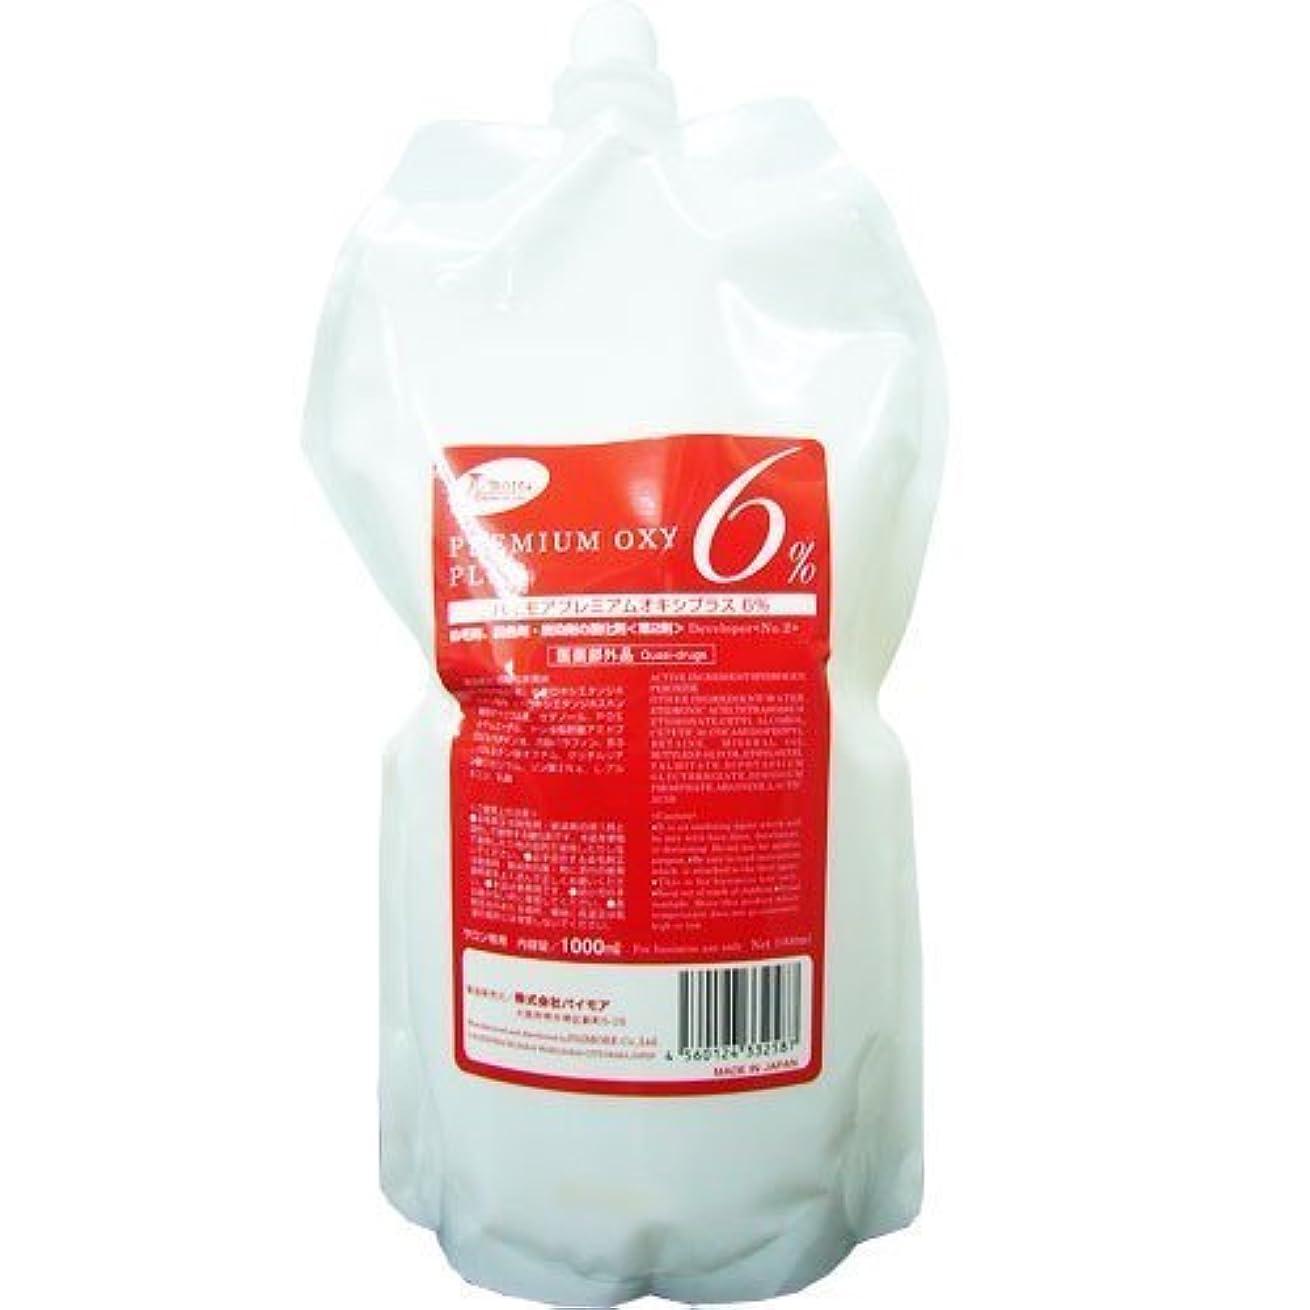 ピラミッドブロンズ咽頭パイモア プレミアムオキシプラス 6%(パウチタイプ) 1000ml [医薬部外品]